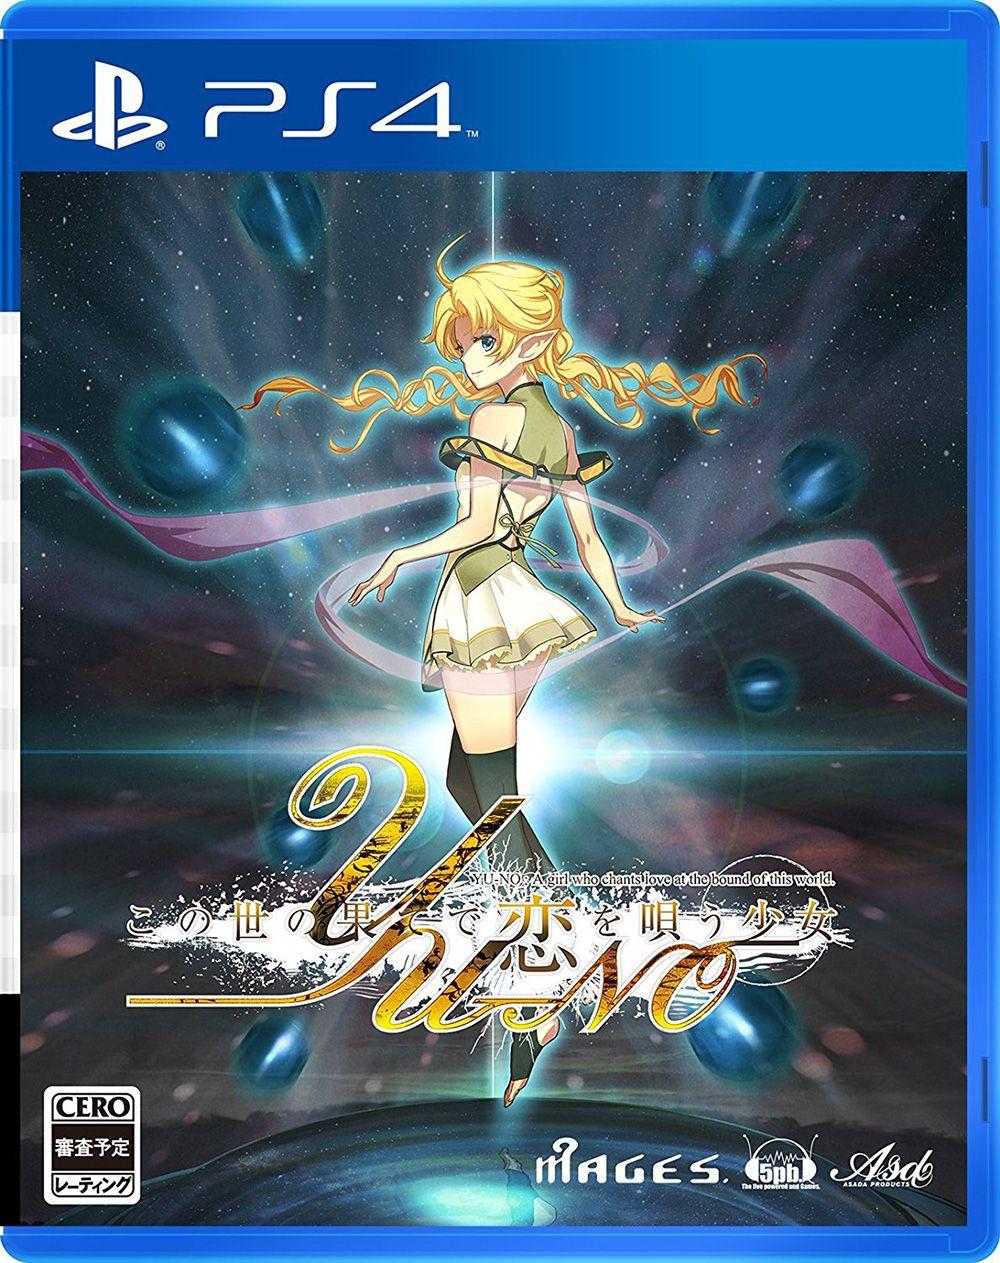 Konoyo-no-Hate-de-Koi-o-Utau-Shoujo-YU-NO-PlayStation-4-Cover